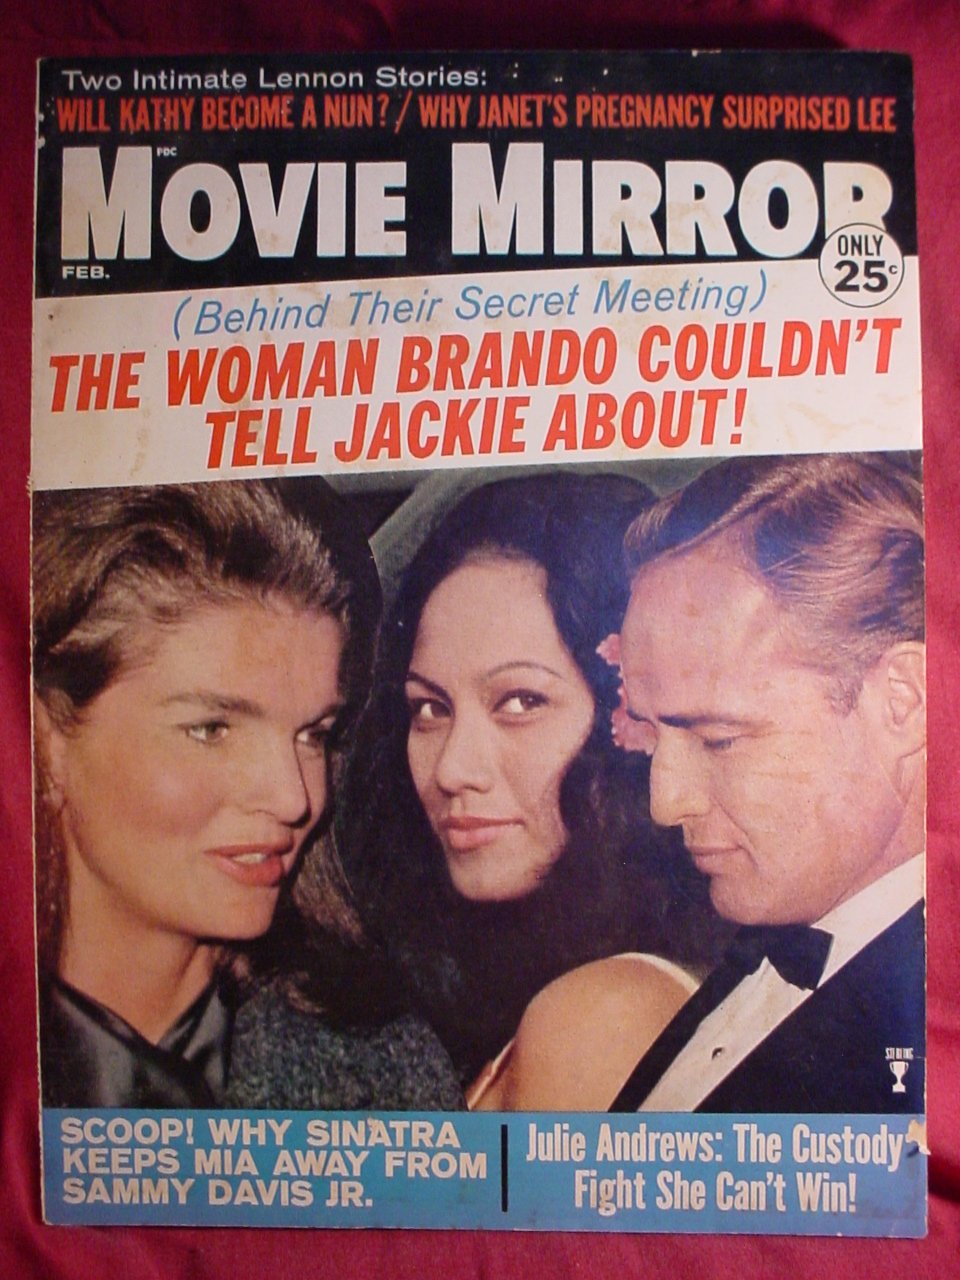 Movie Mirror Magazine Feb 67 - Brando Jackie Kennedy Cover - Frank